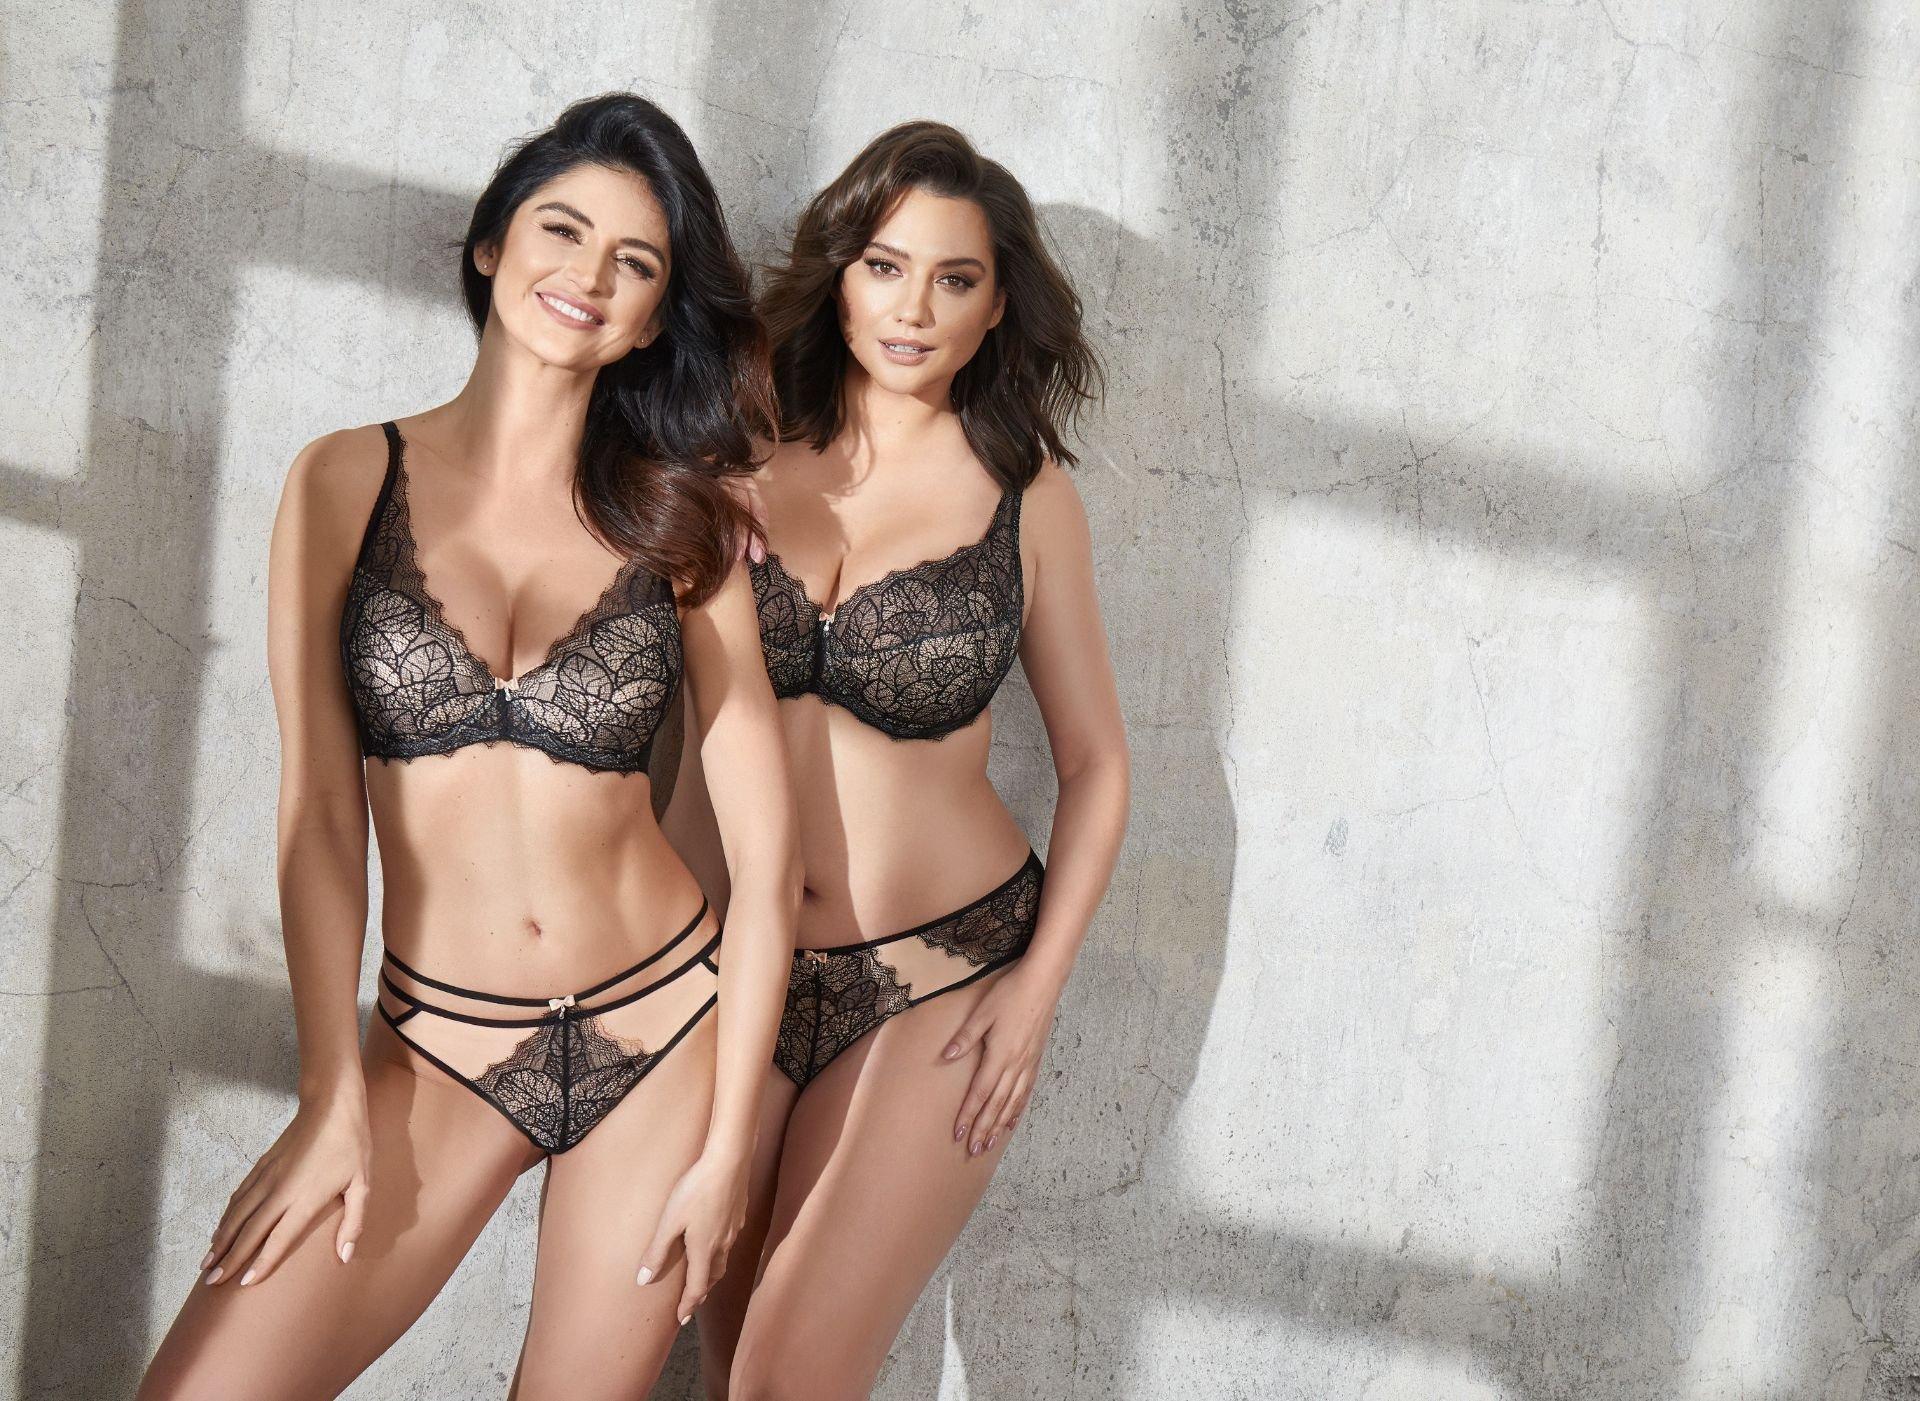 Se vores feminine udvalg af lingeri